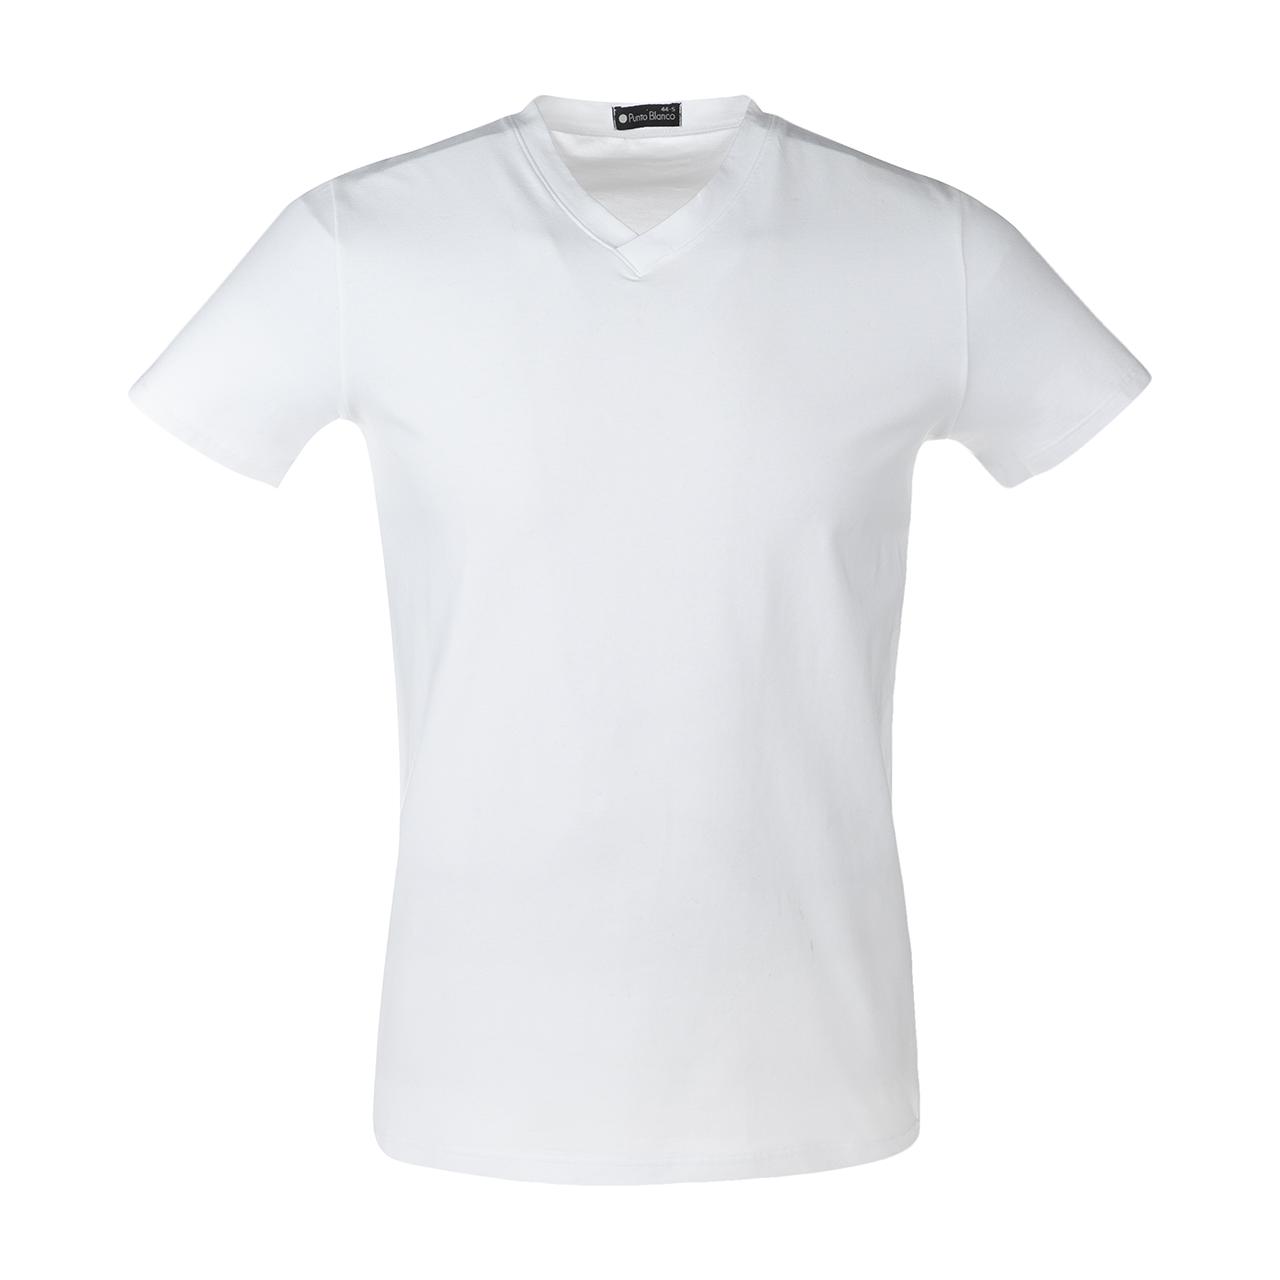 تی شرت مردانه پونتو بلانکو کد 5338420-000